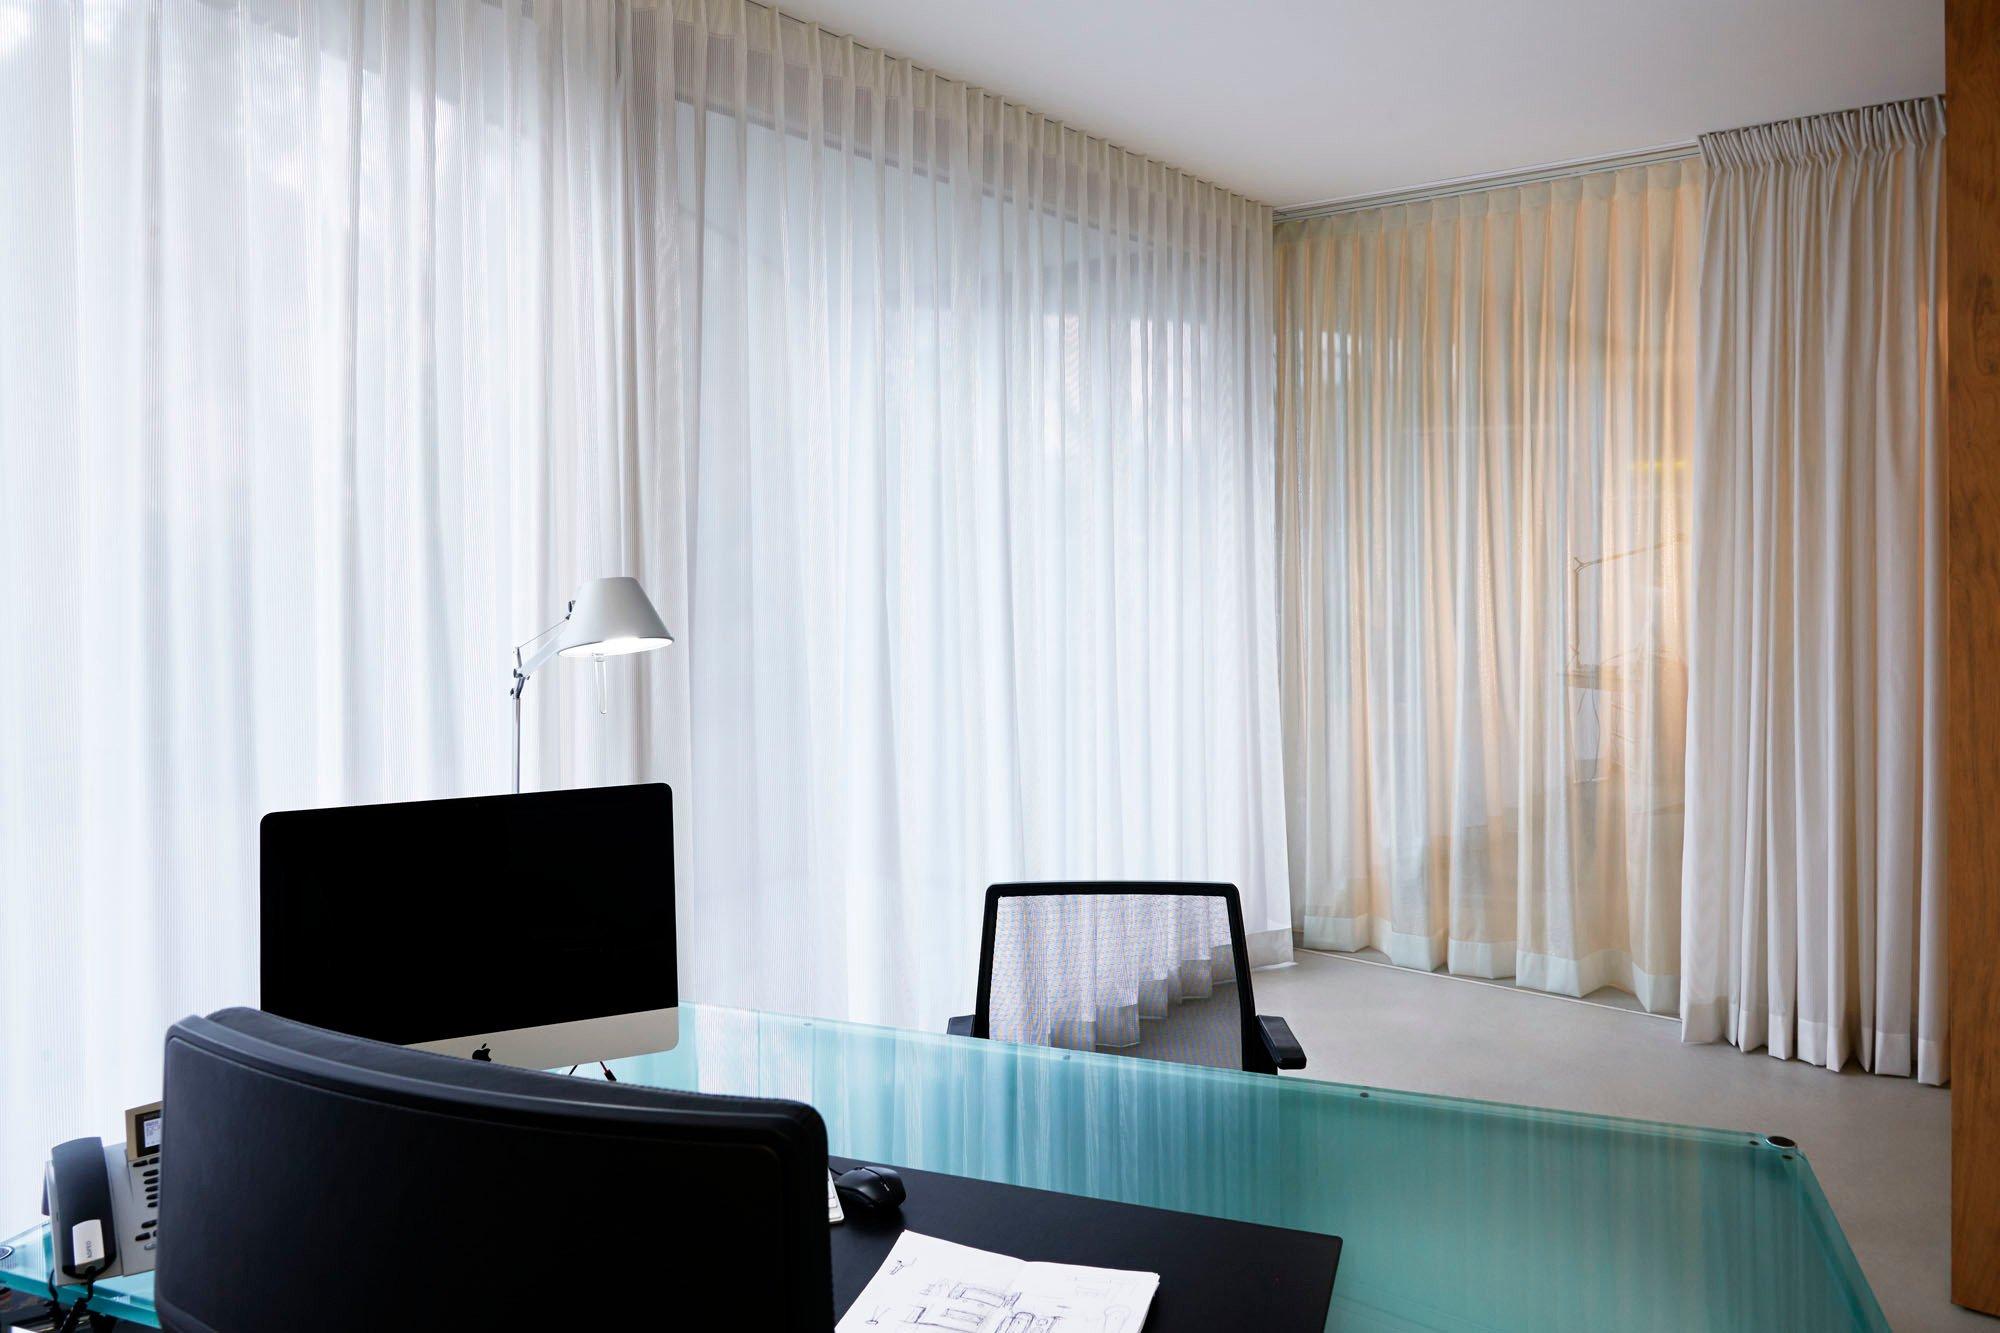 halbtransparente textilien als sonnenschutz und. Black Bedroom Furniture Sets. Home Design Ideas